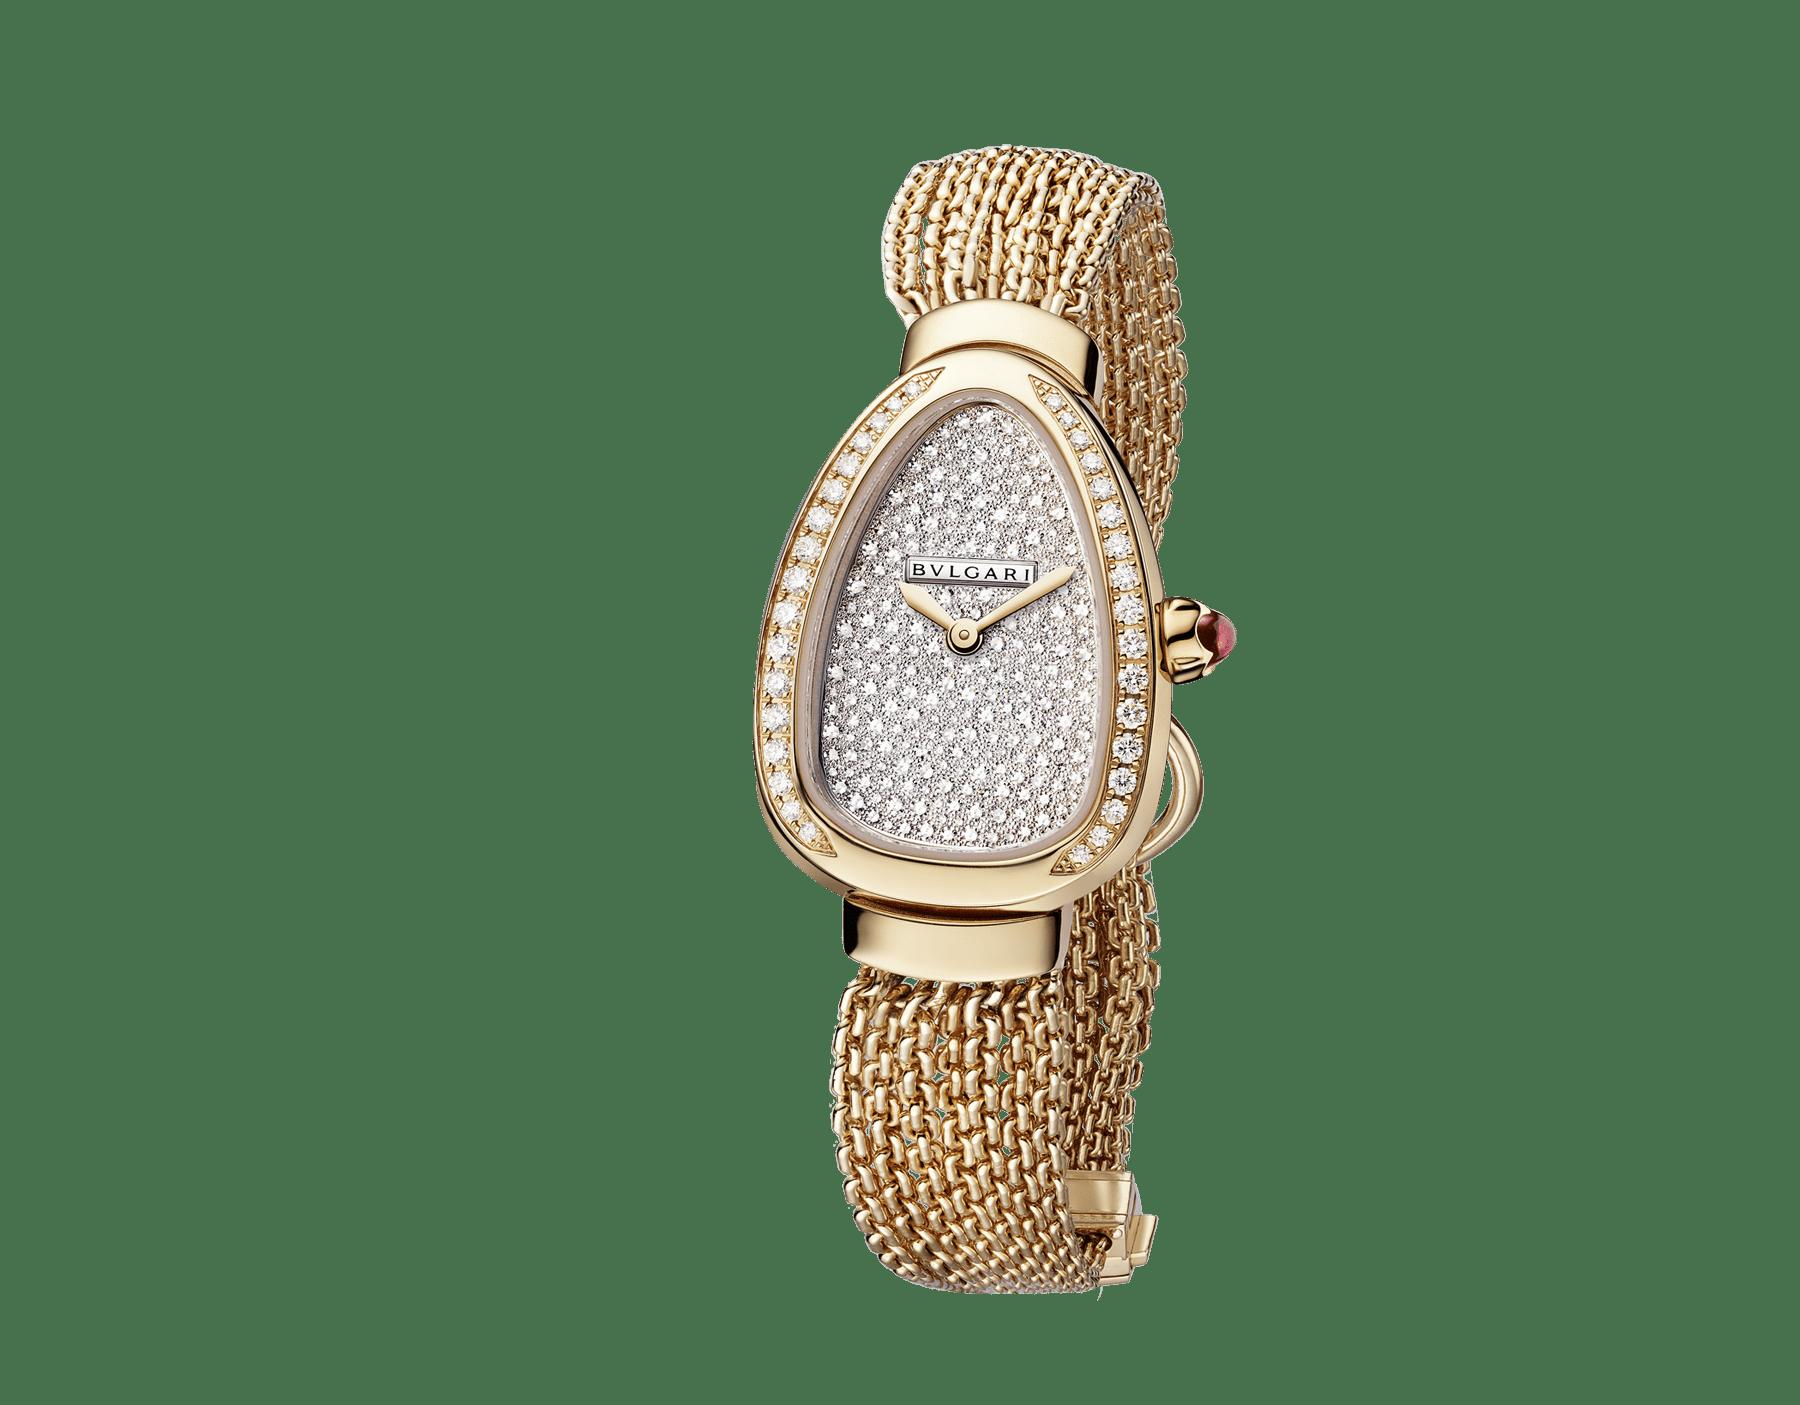 Reloj Serpenti con caja en oro rosa de 18qt con diamantes talla brillante engastados, esfera con pavé efecto nieve y brazalete de cadena de una vuelta intercambiable en oro rosa de 18qt 103063 image 2